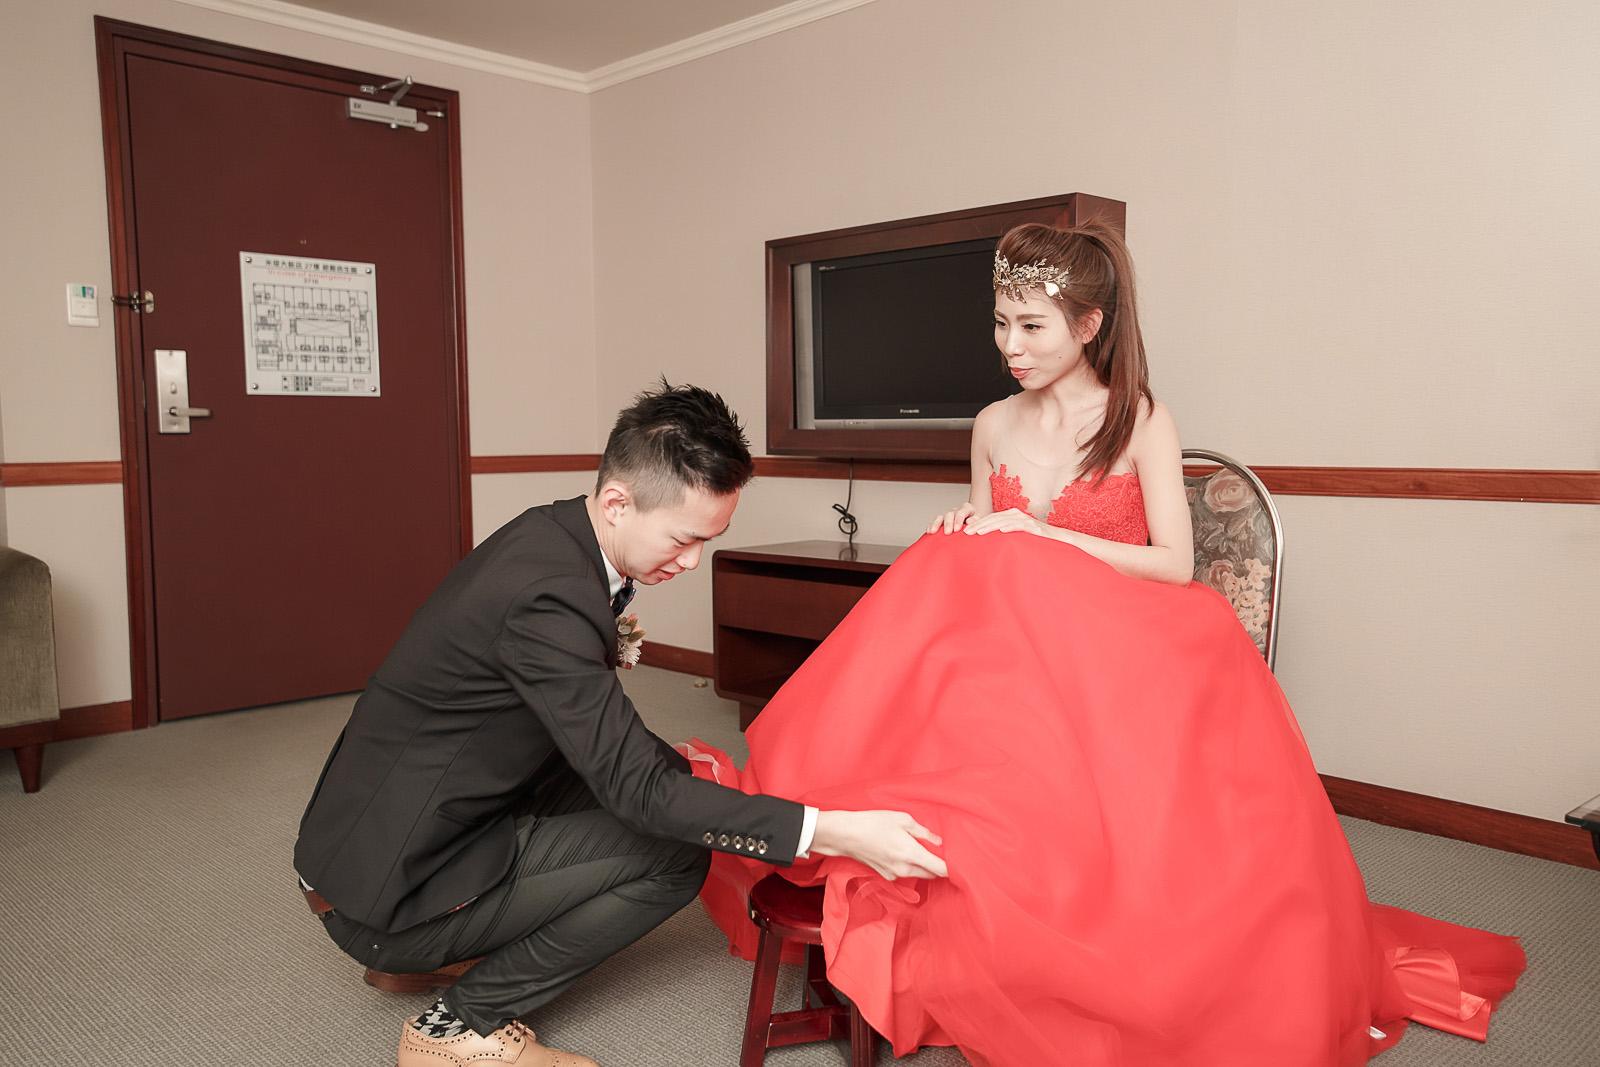 高雄圓山飯店,婚禮攝影,婚攝,高雄婚攝,優質婚攝推薦,Jen&Ethan-030